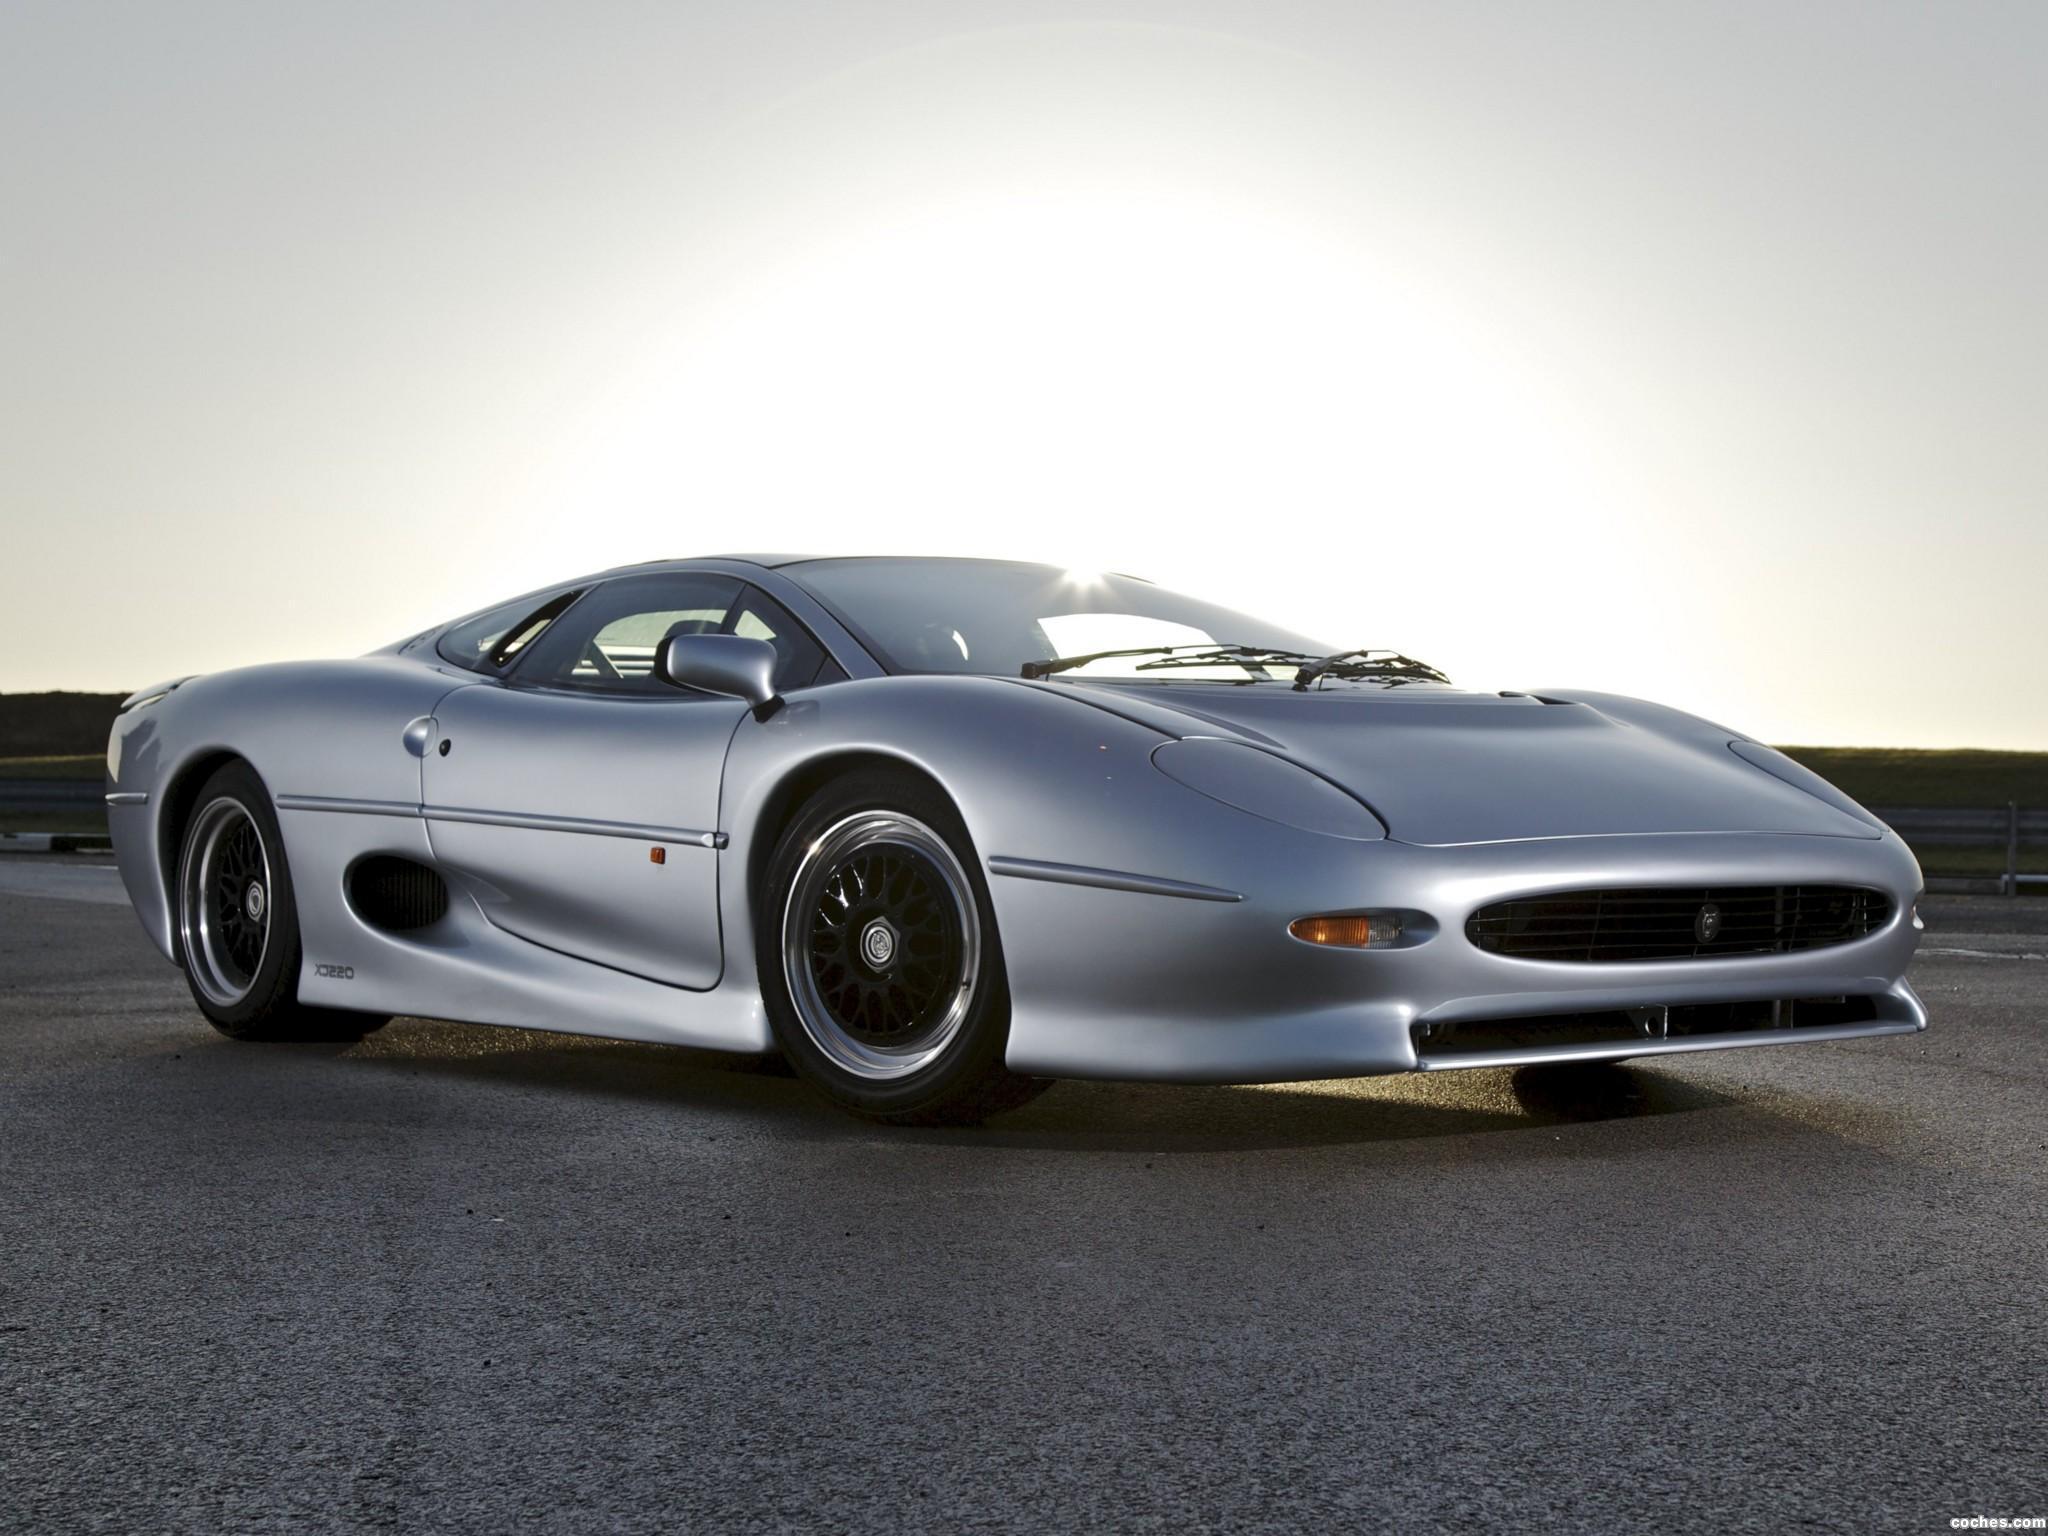 jaguar_xj220-pre-production-test-car_r6